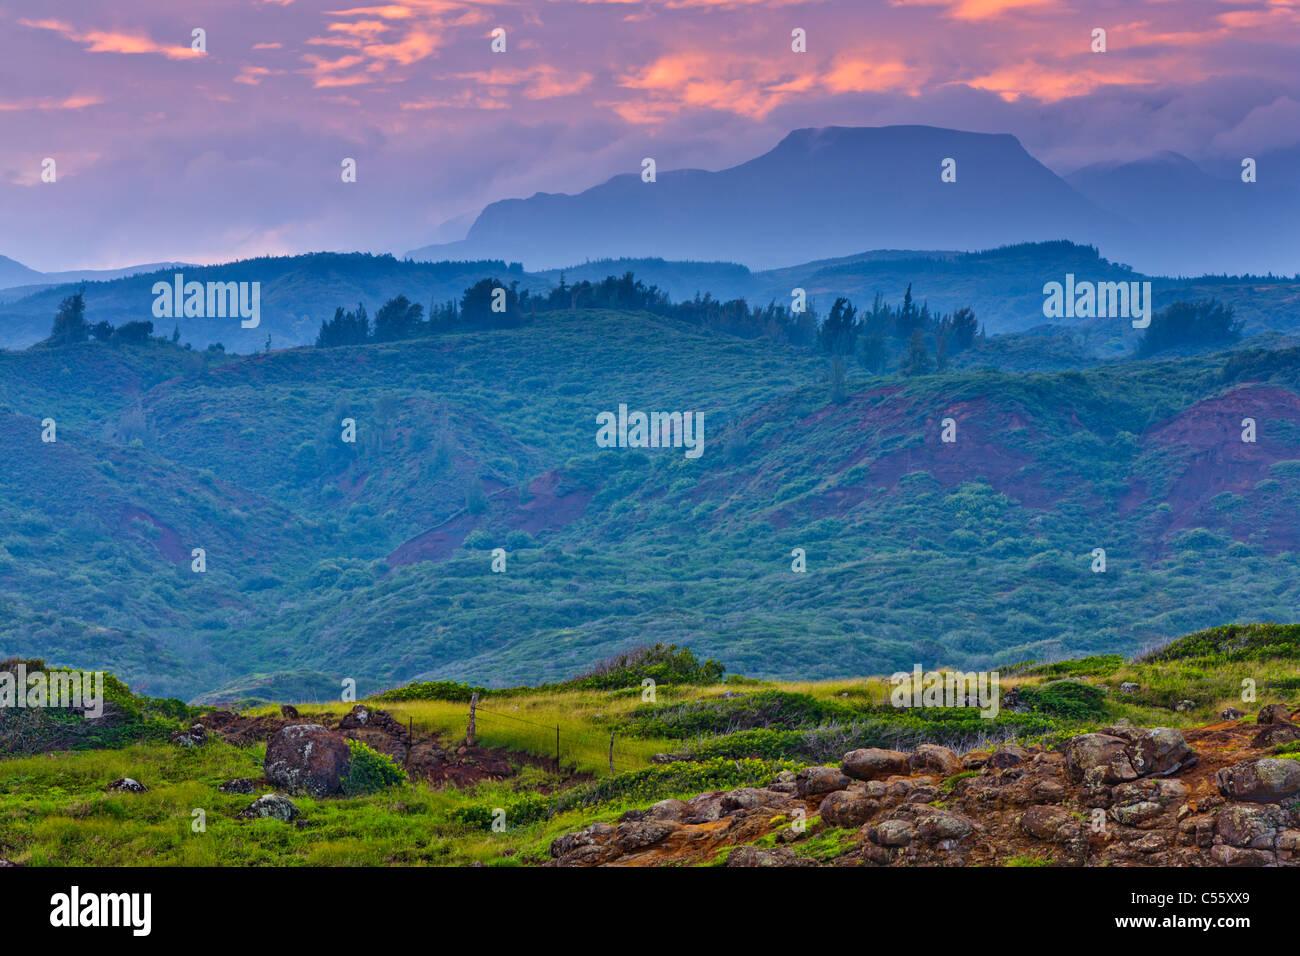 Los pastos con montañas de fondo, punto Hawea Haleakala, Maui, Hawaii, EE.UU. Imagen De Stock